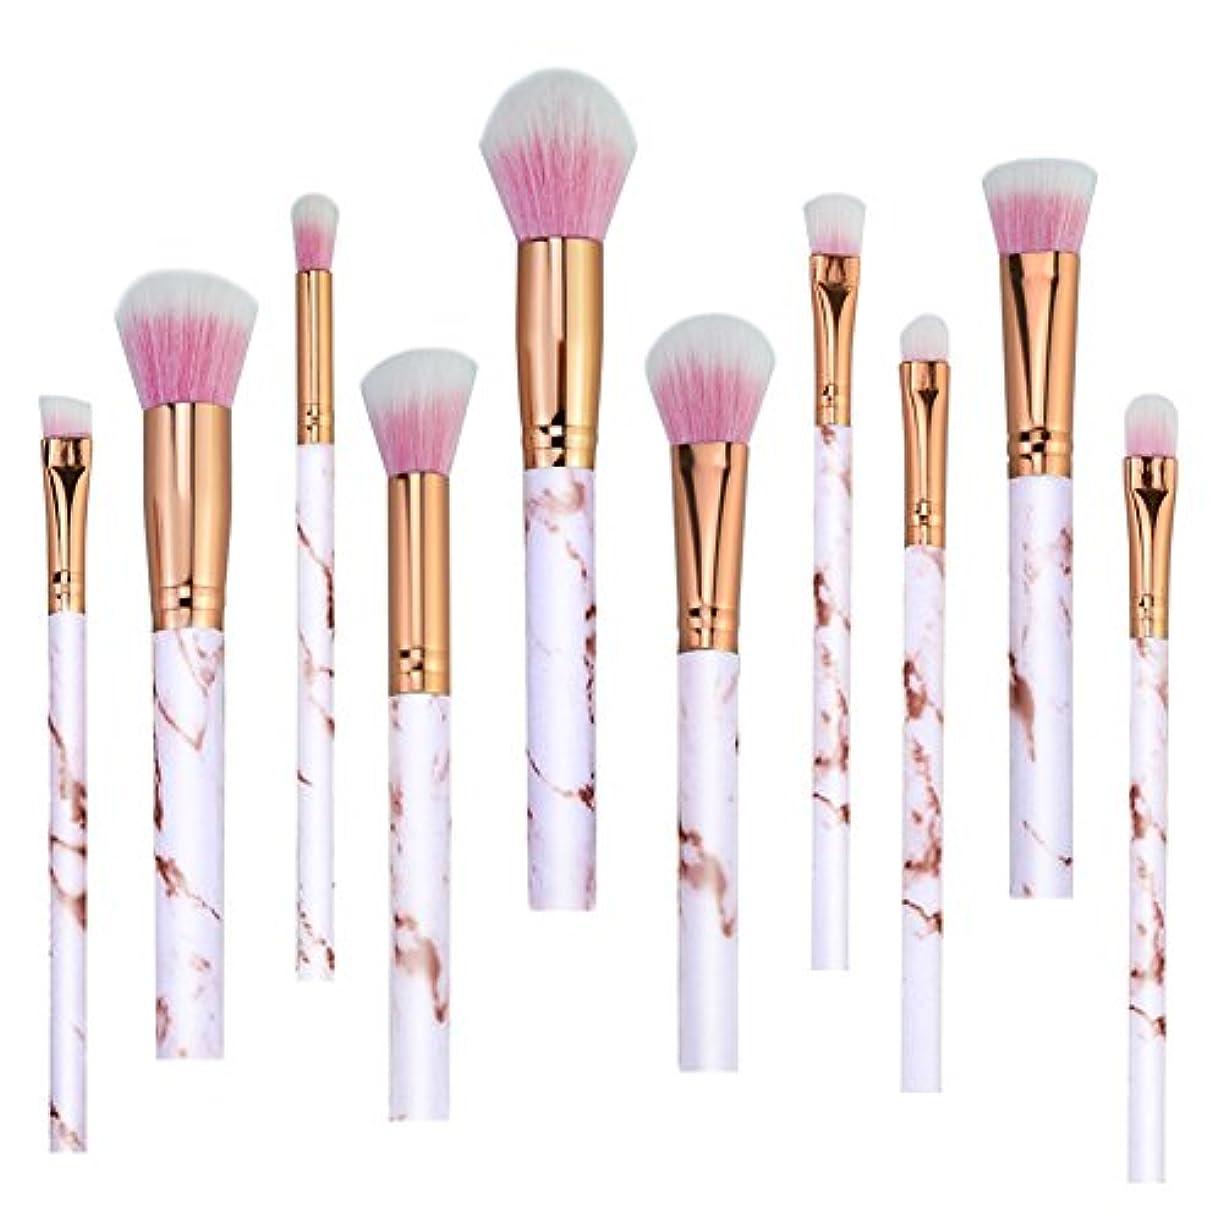 タイト低下脳QIAONAI 10本 化粧筆 メイクアップブラシセット プロ 化粧ブラシ 化粧筆 コスメブラシ タイル模様 上品 パウダー アイシャドー 多機能化粧ブラシ 綺麗 ピンク